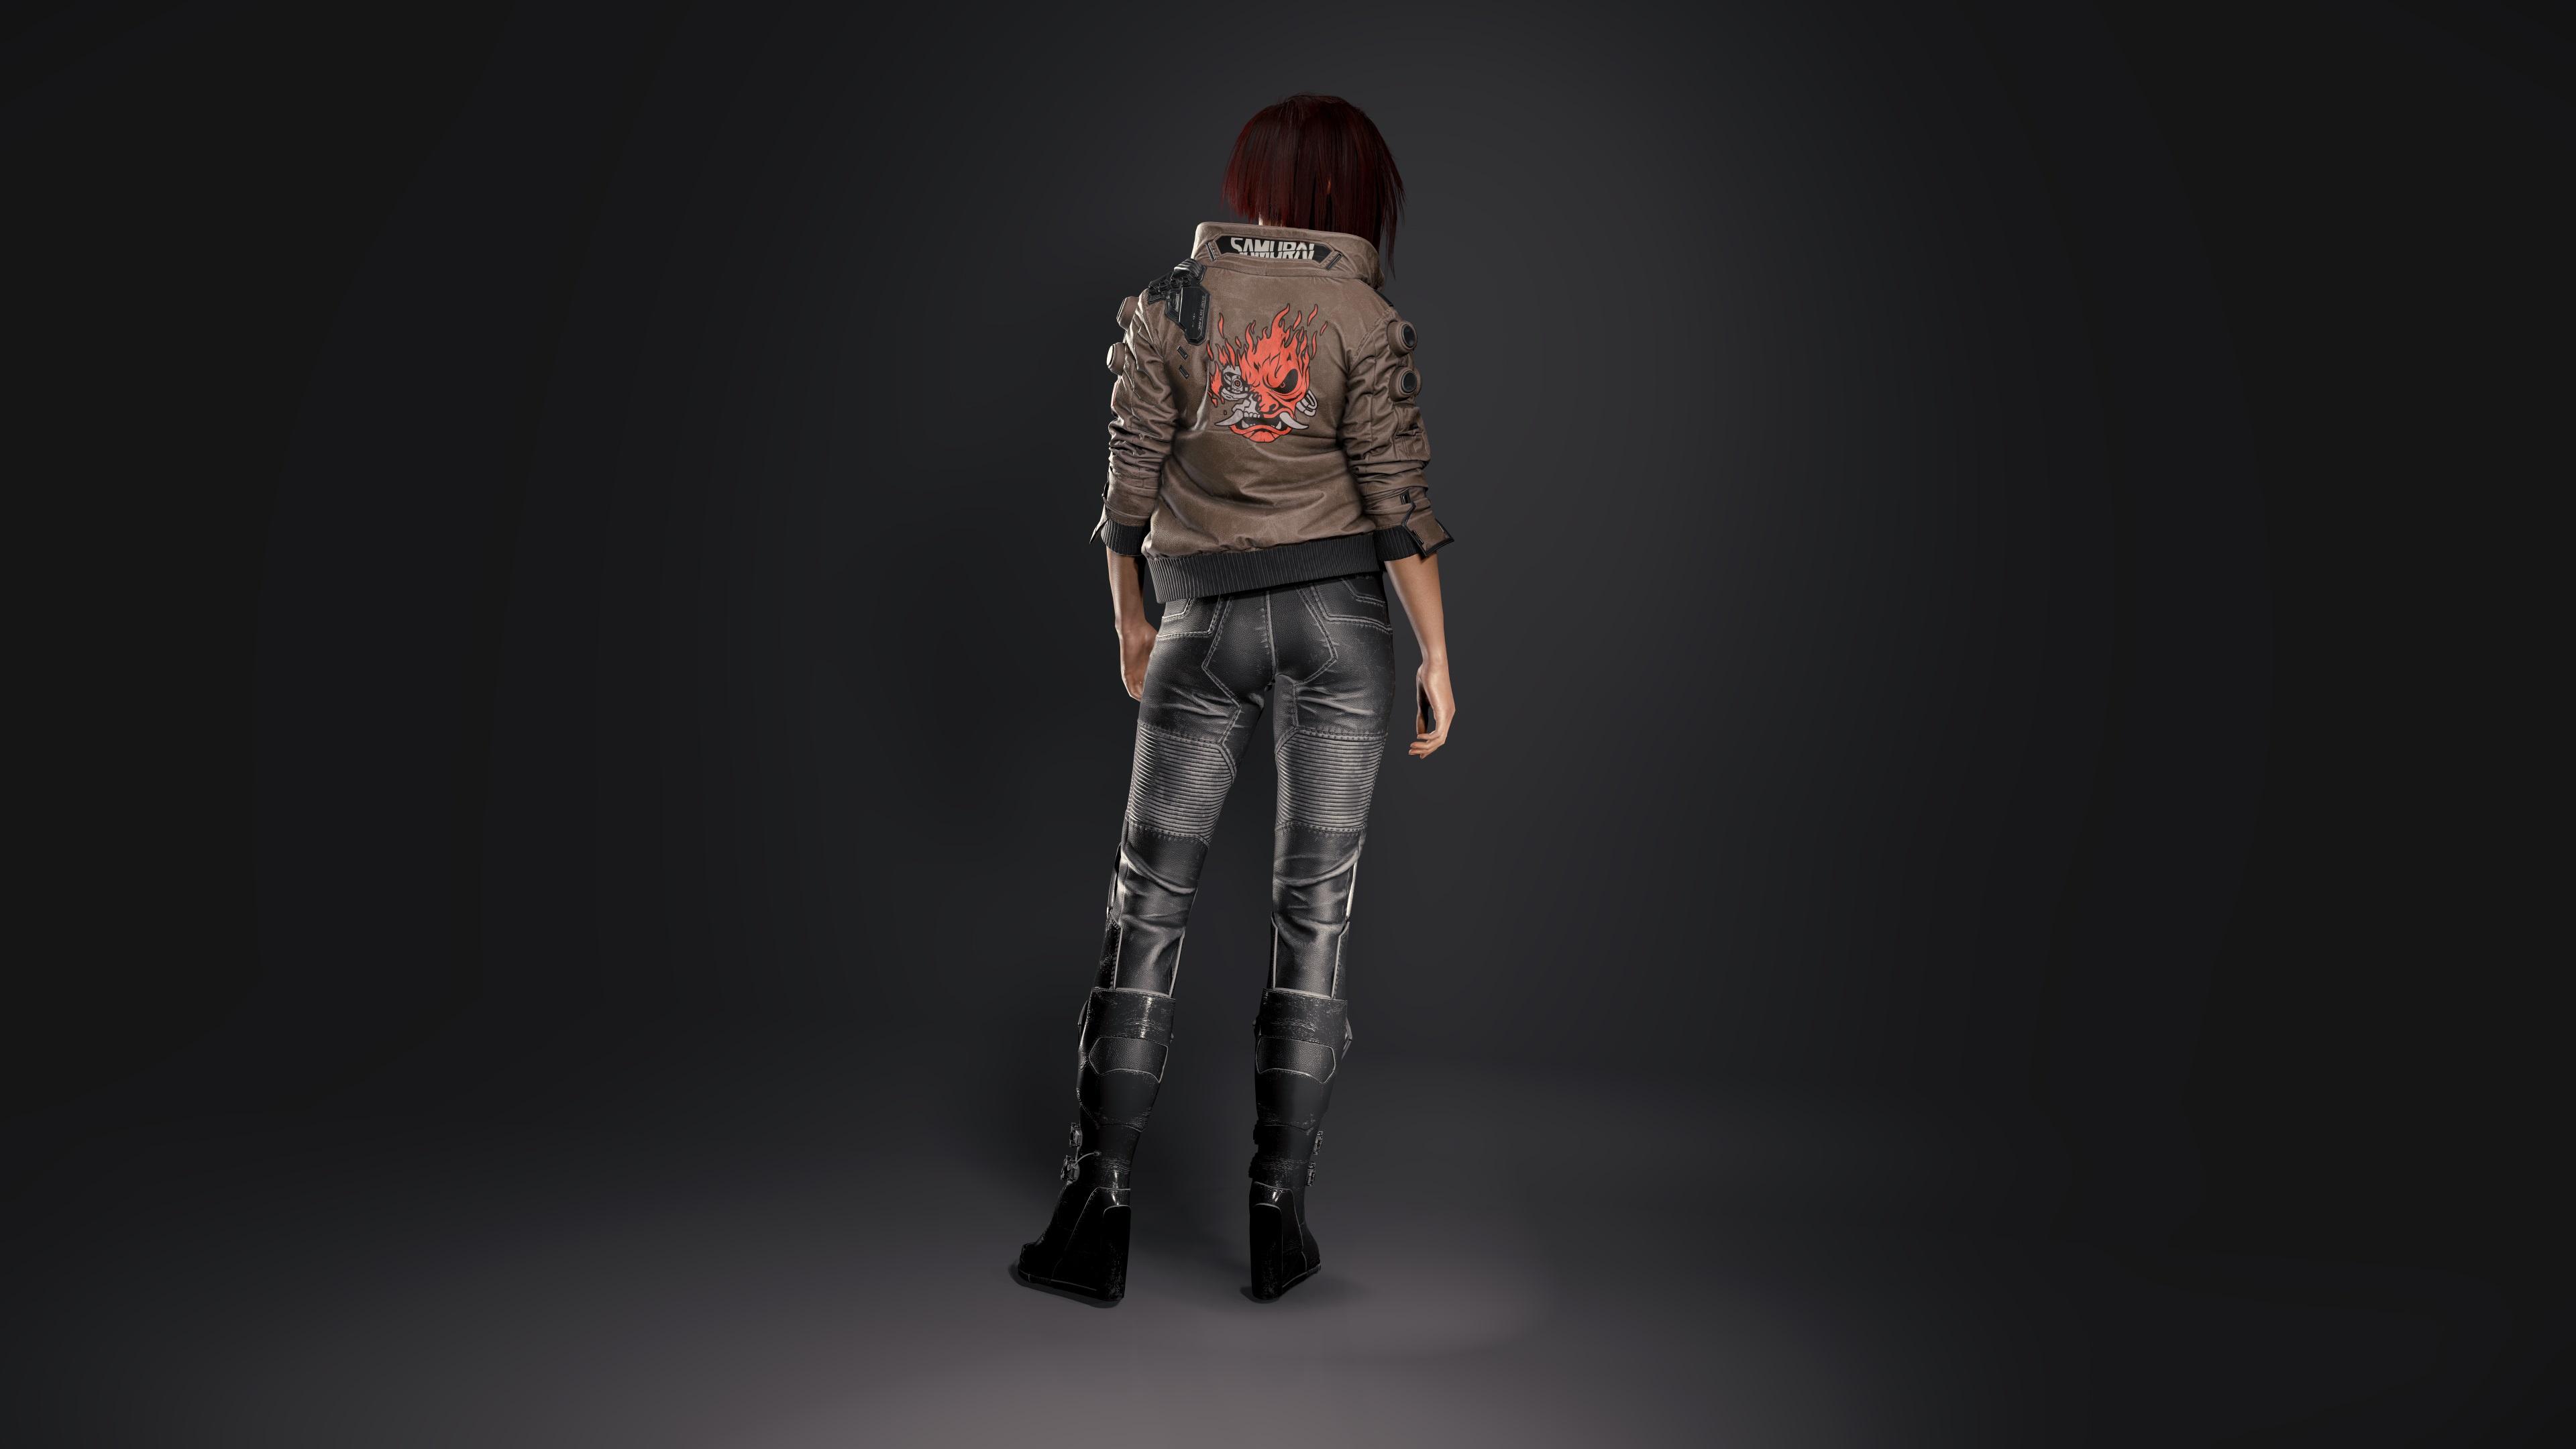 Фото Cyberpunk 2077 3д куртки молодые женщины Игры вид сзади 3840x2160 киберпанк 2077 куртке Куртка куртках девушка Девушки 3D Графика молодая женщина компьютерная игра Сзади